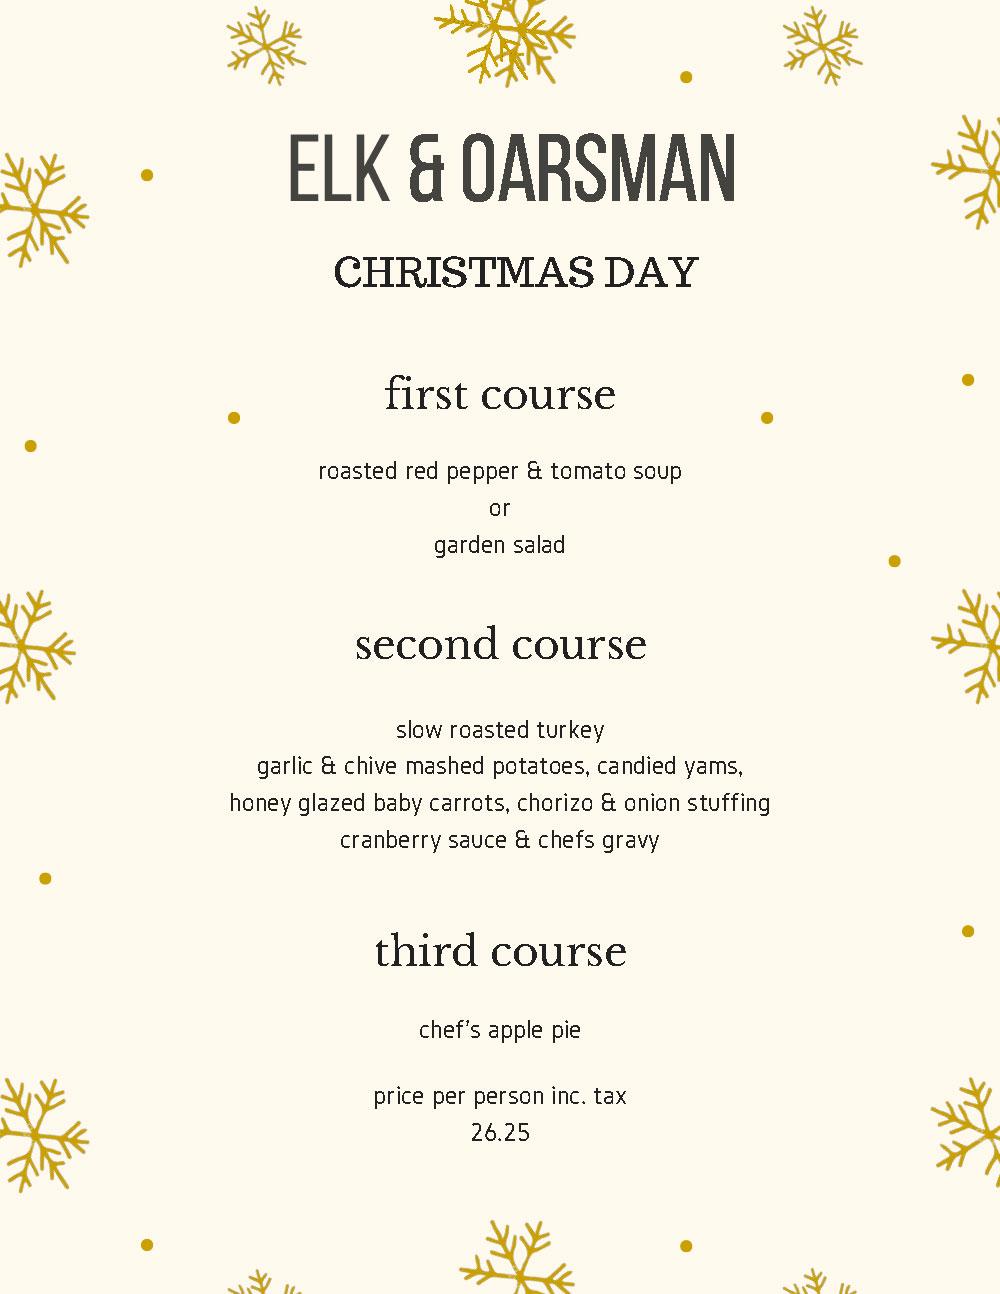 Elk & Oarsman Christmas Day Menu